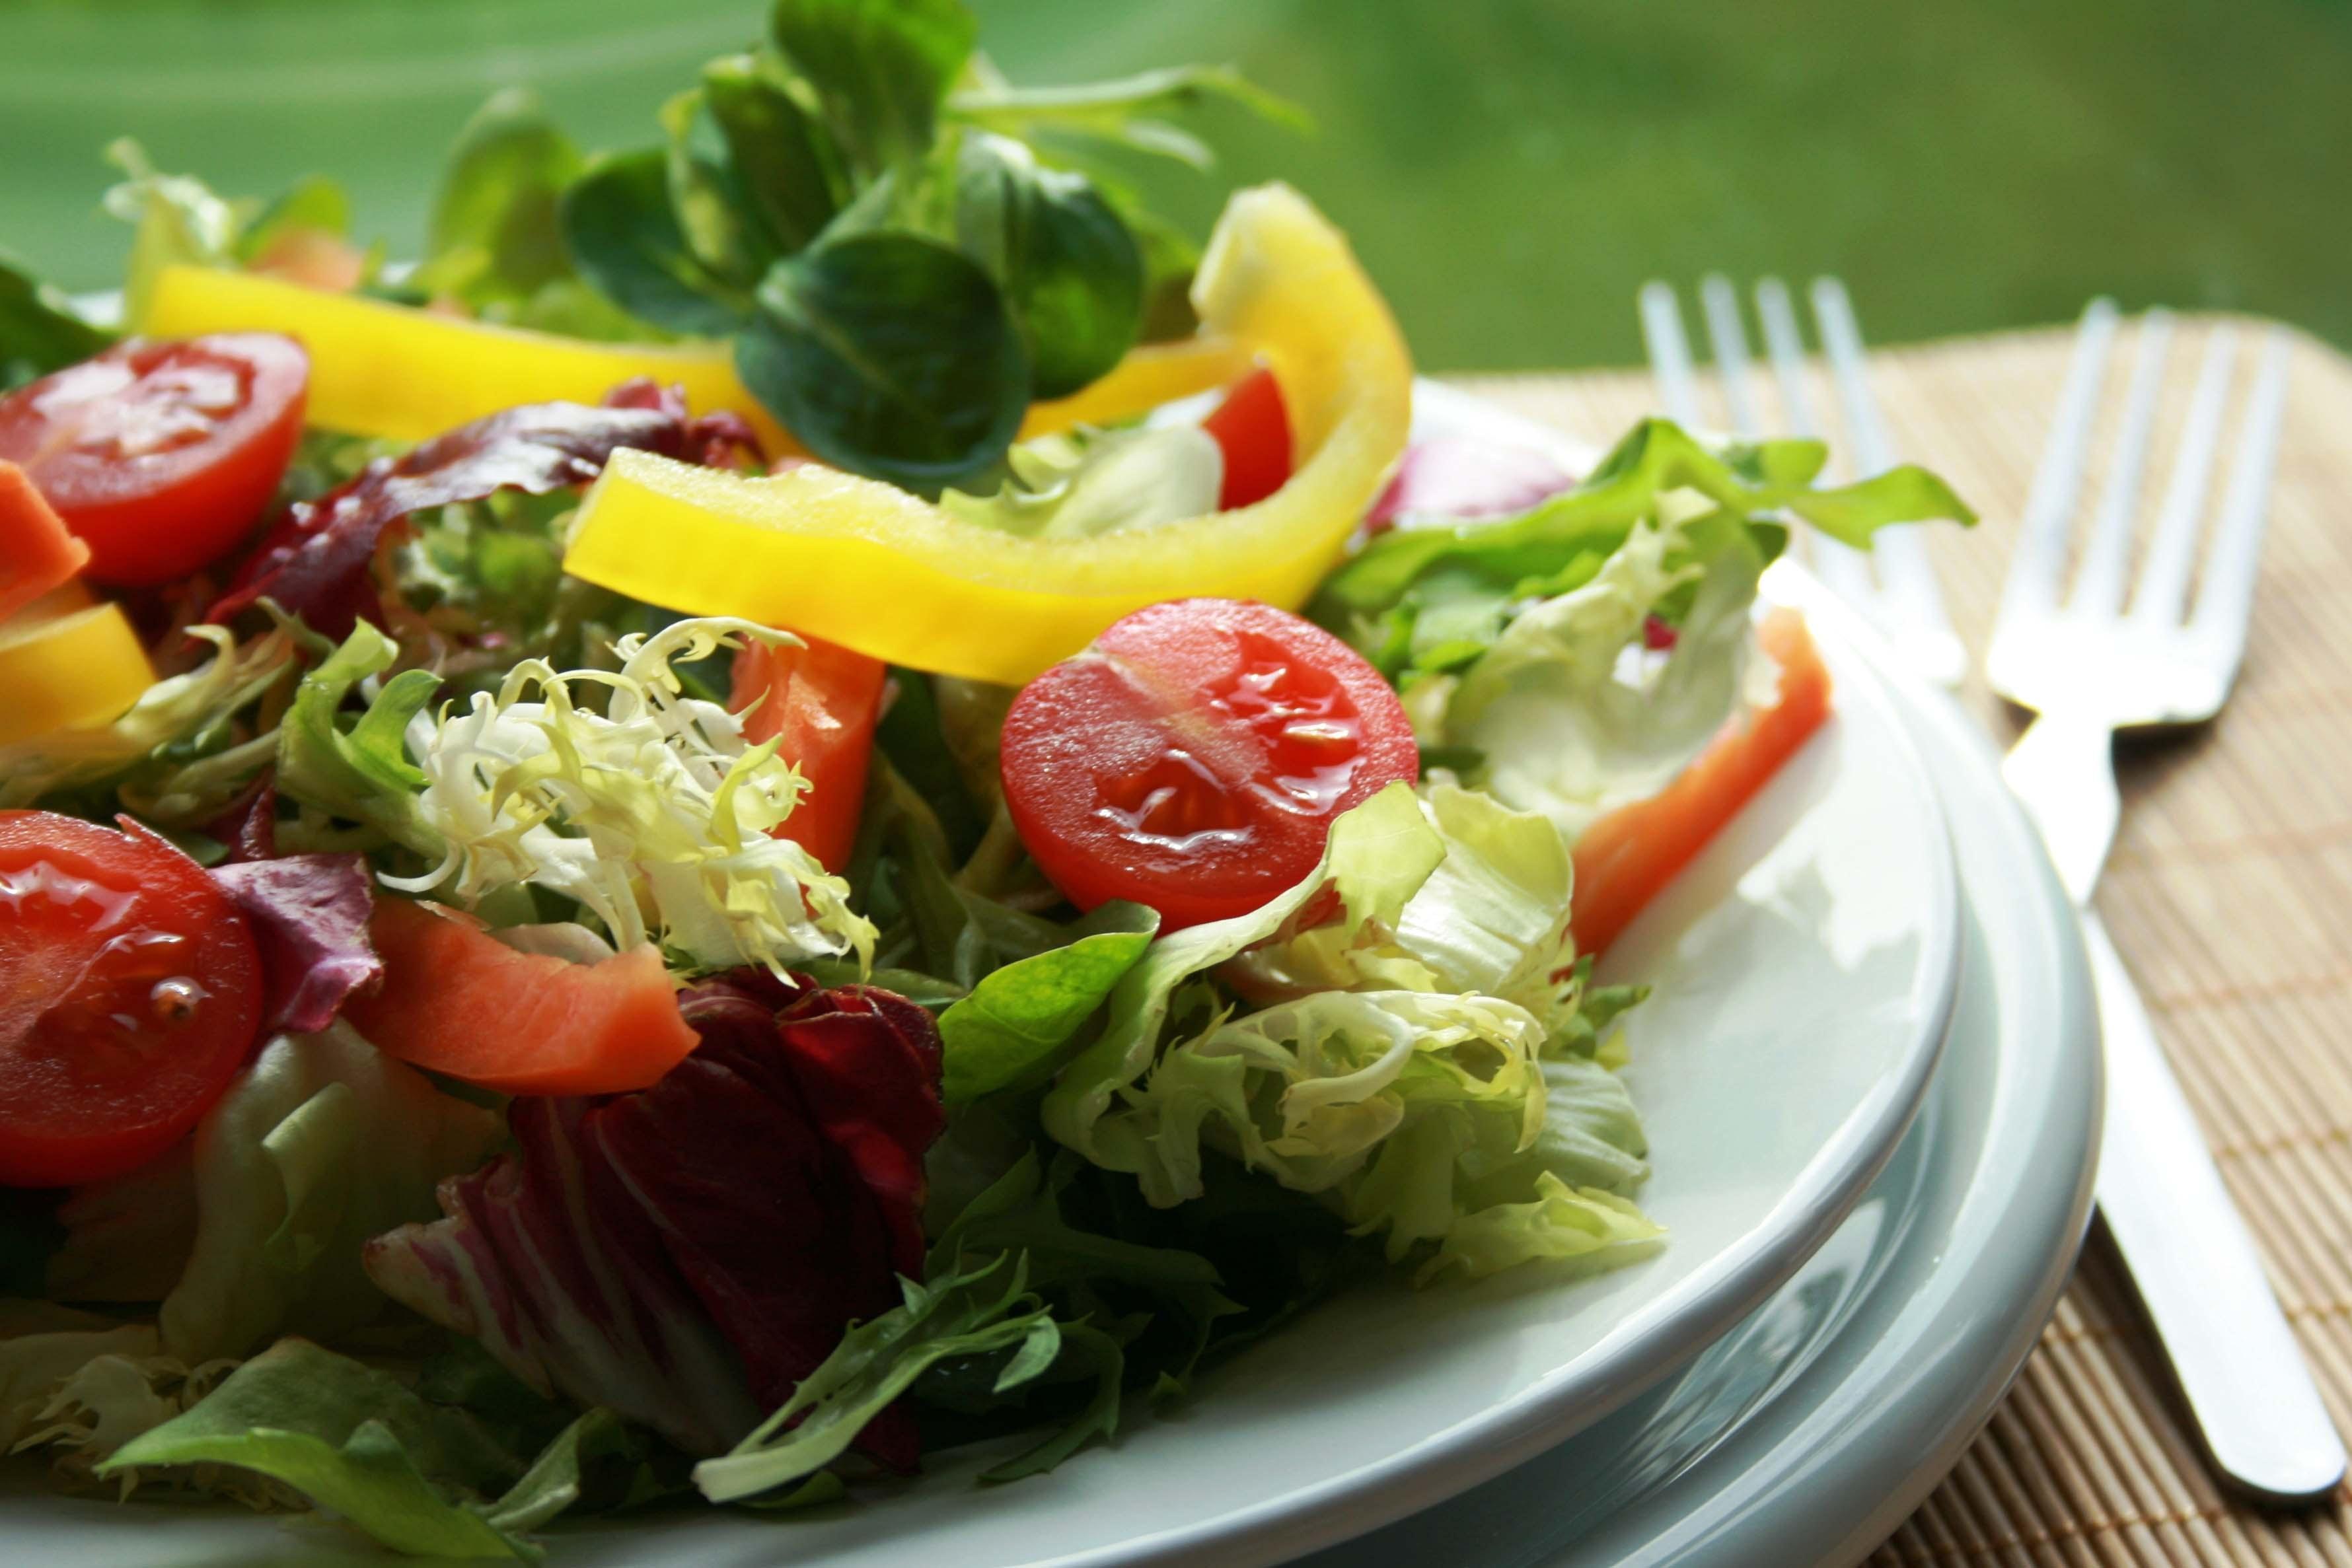 Algumas Dicas de Dietas Para Emagrecer: Alimentos Com Calorias Negativas